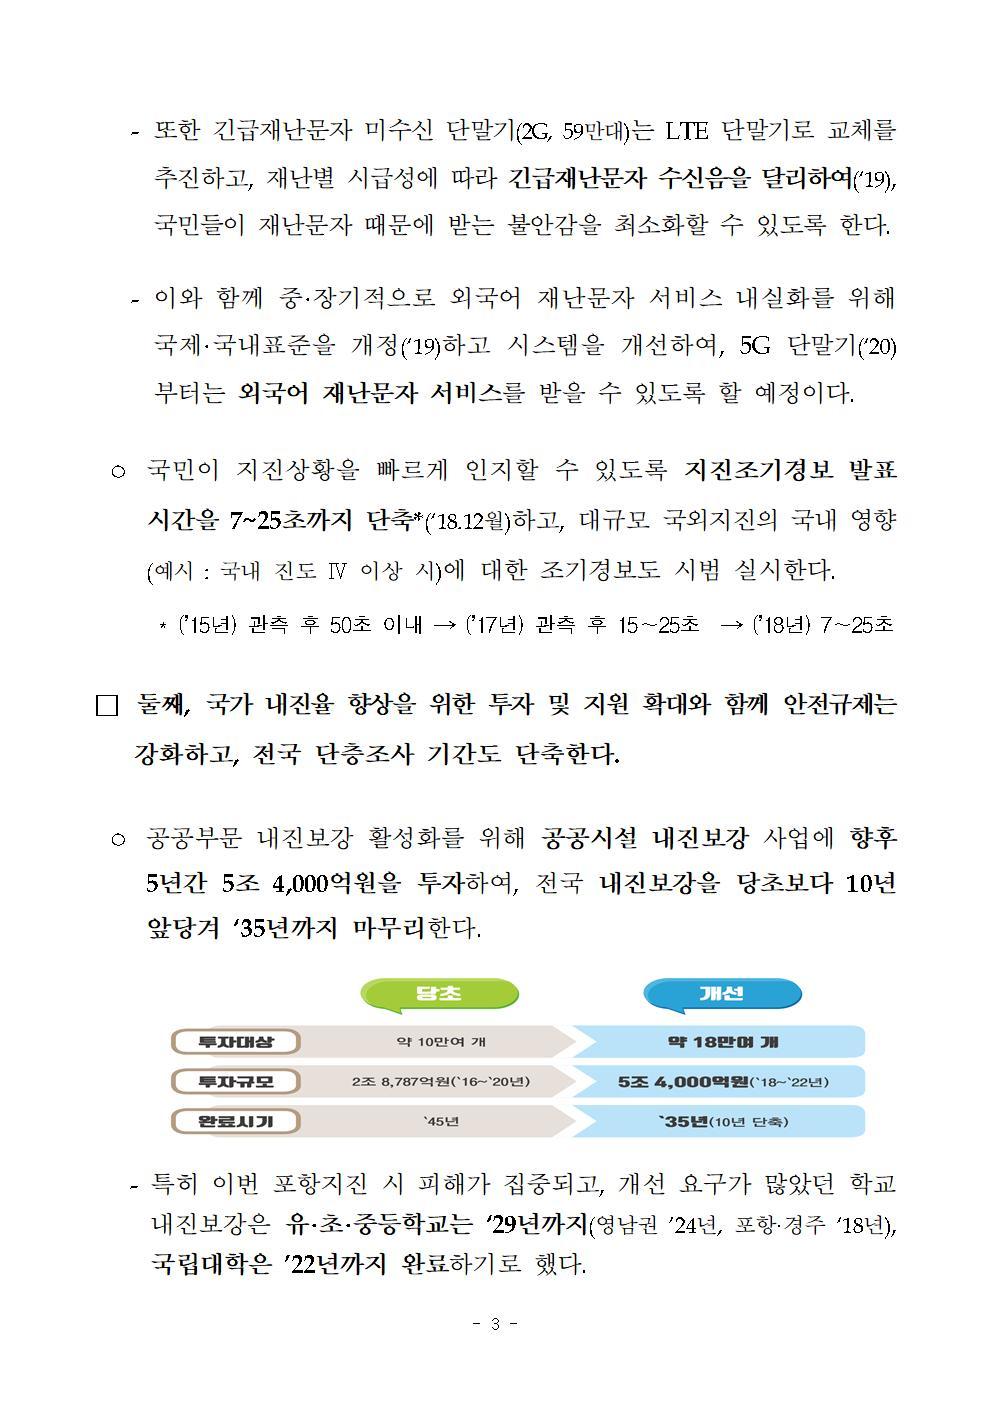 180525 (지진방재정책과 등) 정부 지진방재 개선대책 발표(외부)003.jpg